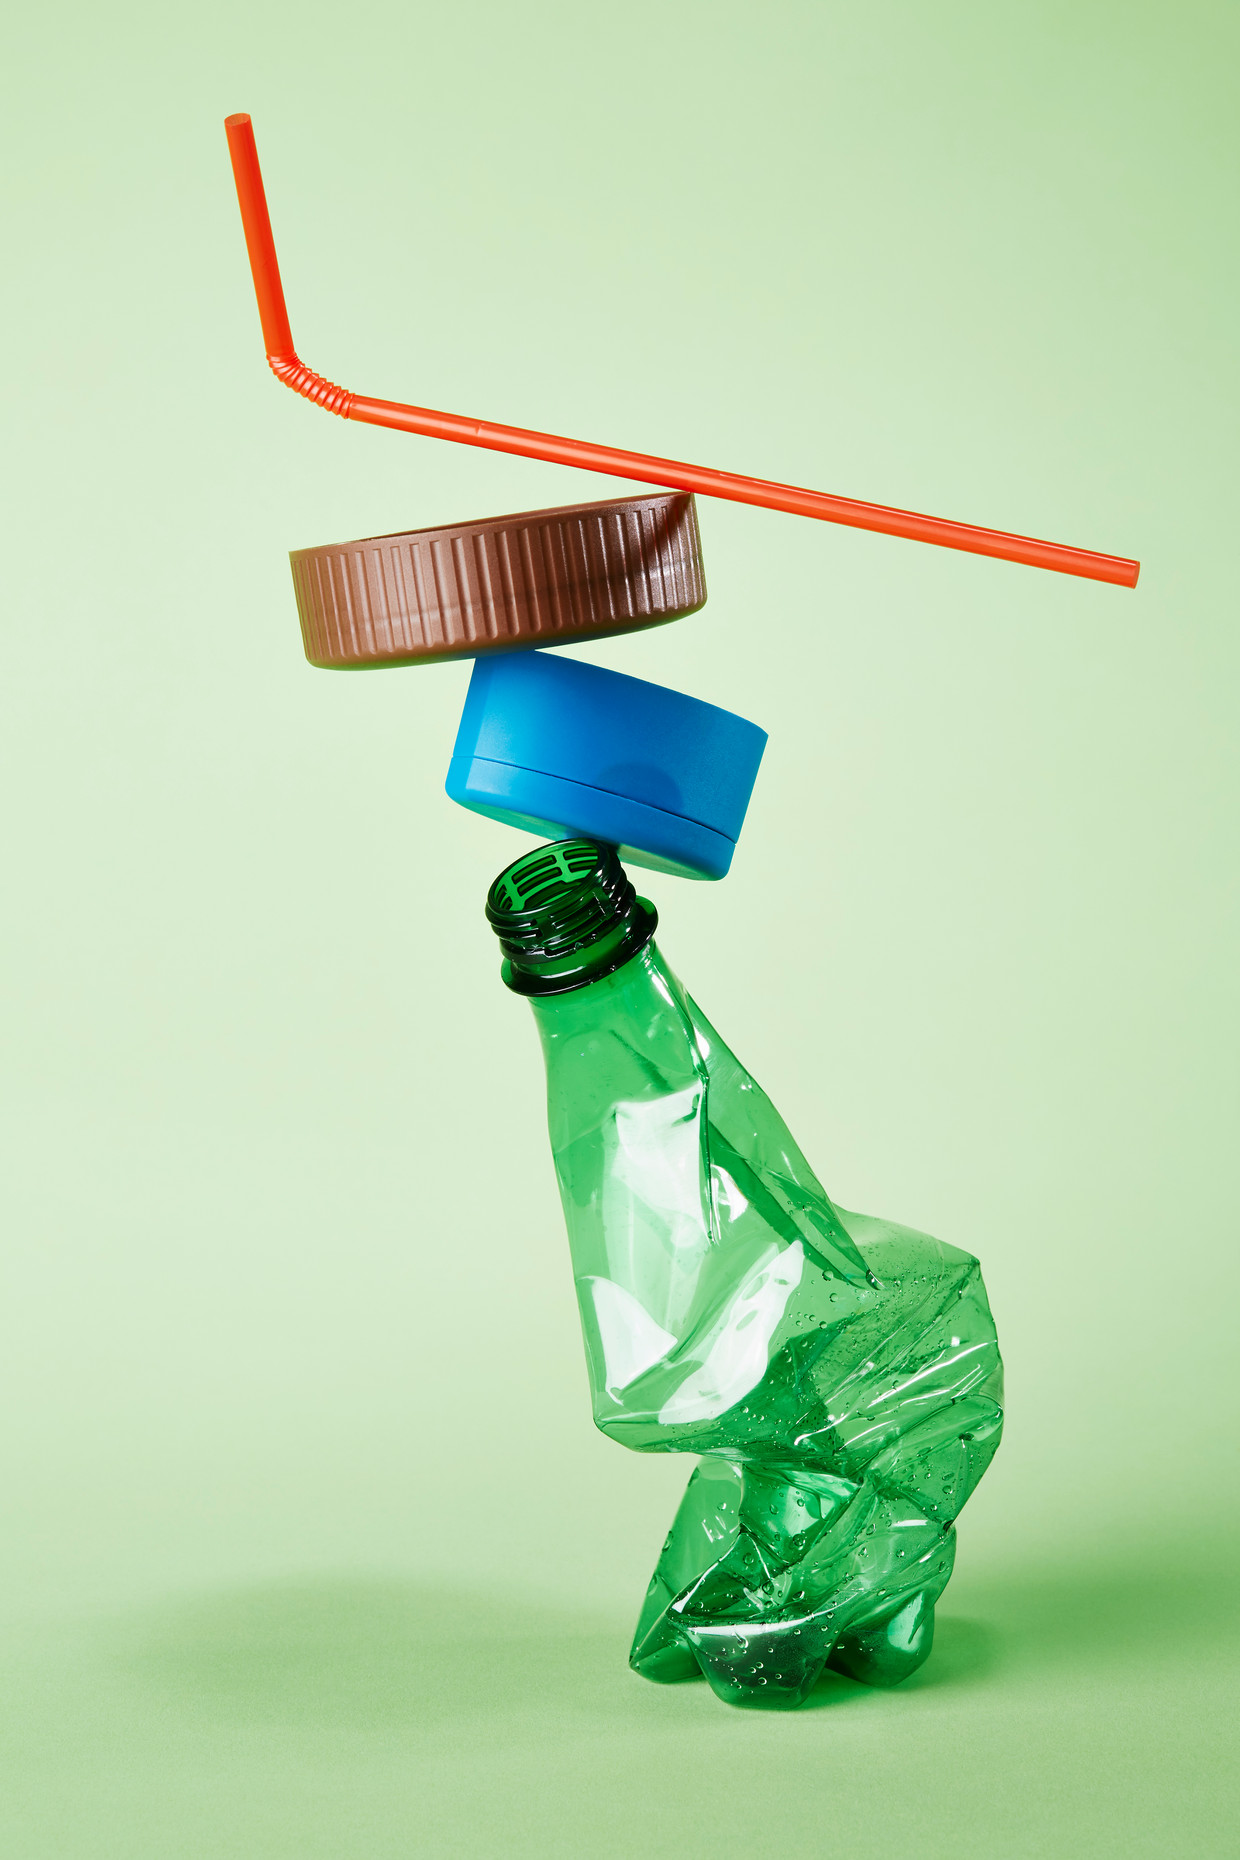 Uit sorteeranalyses blijkt dat er voor 20 tot 30 procent vervuiling in apart opgehaald plastic zit. Beeld Getty Images